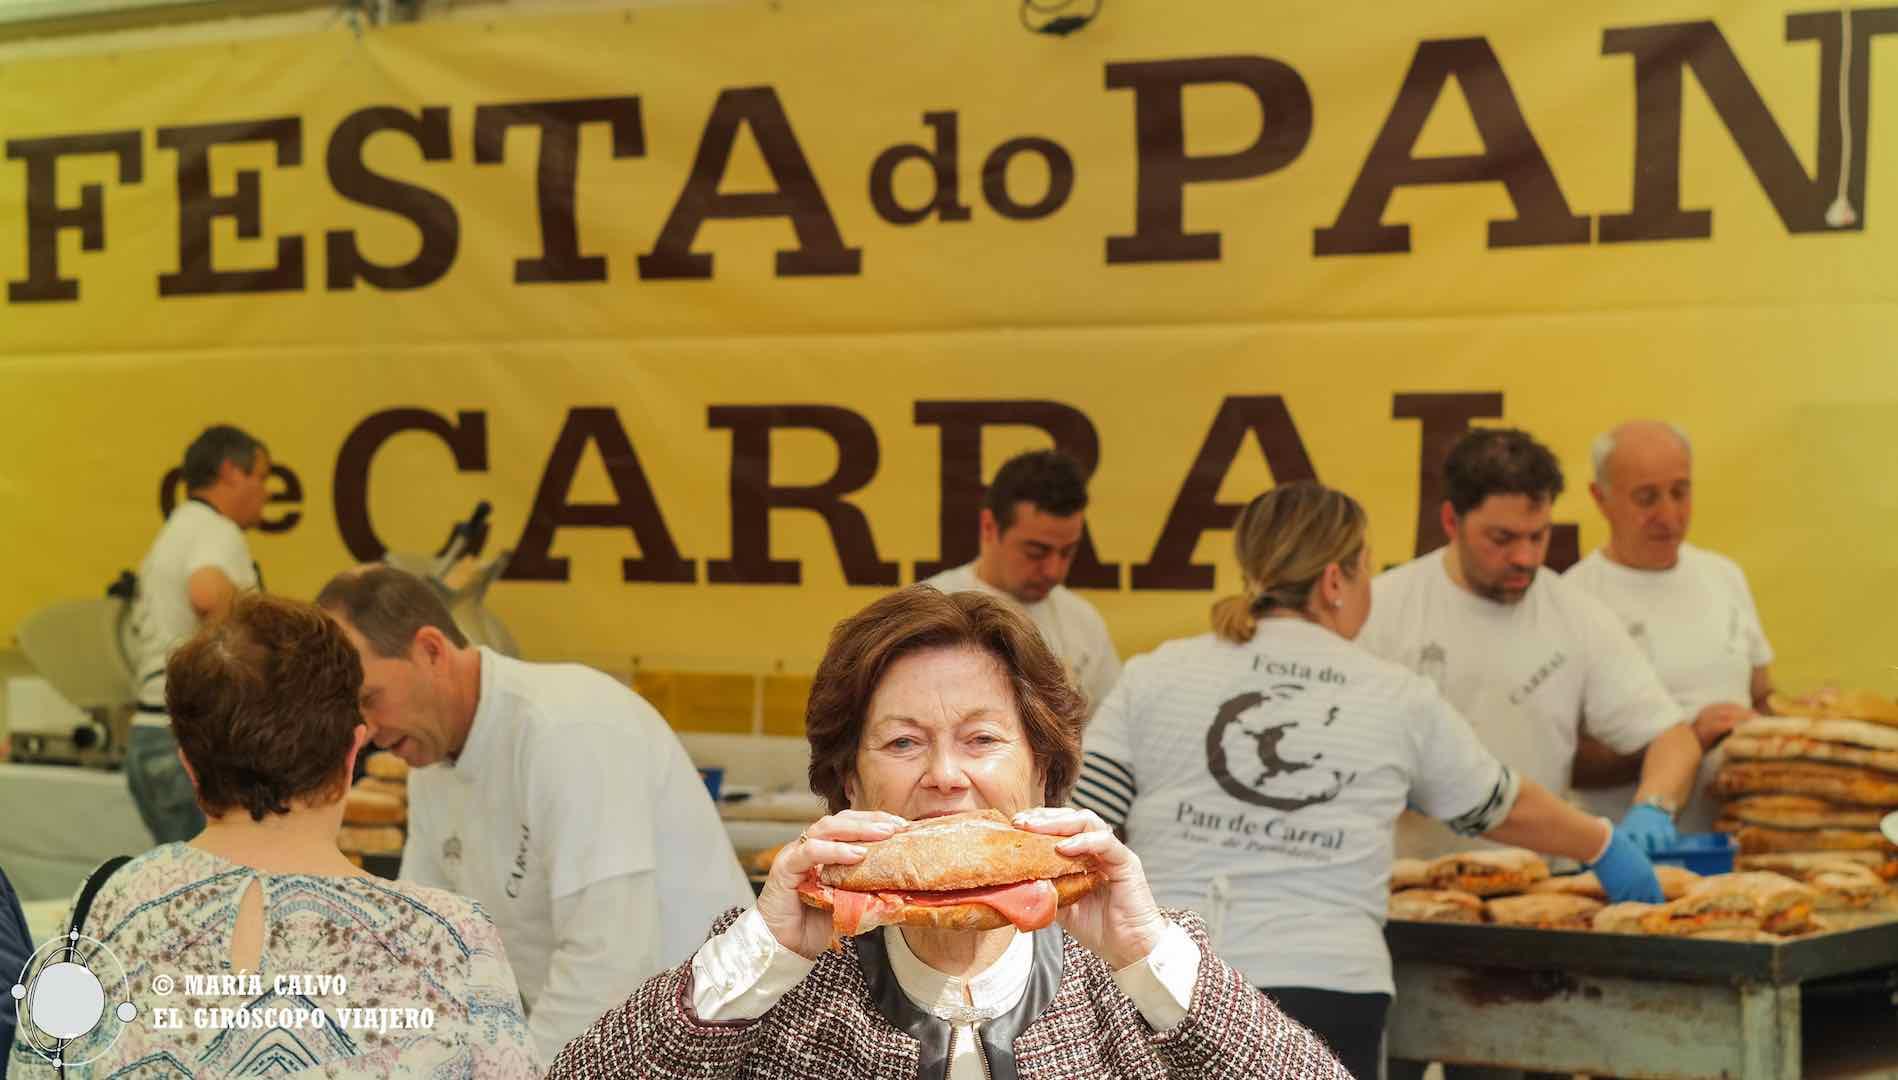 Pan de Carral, delicia gallega